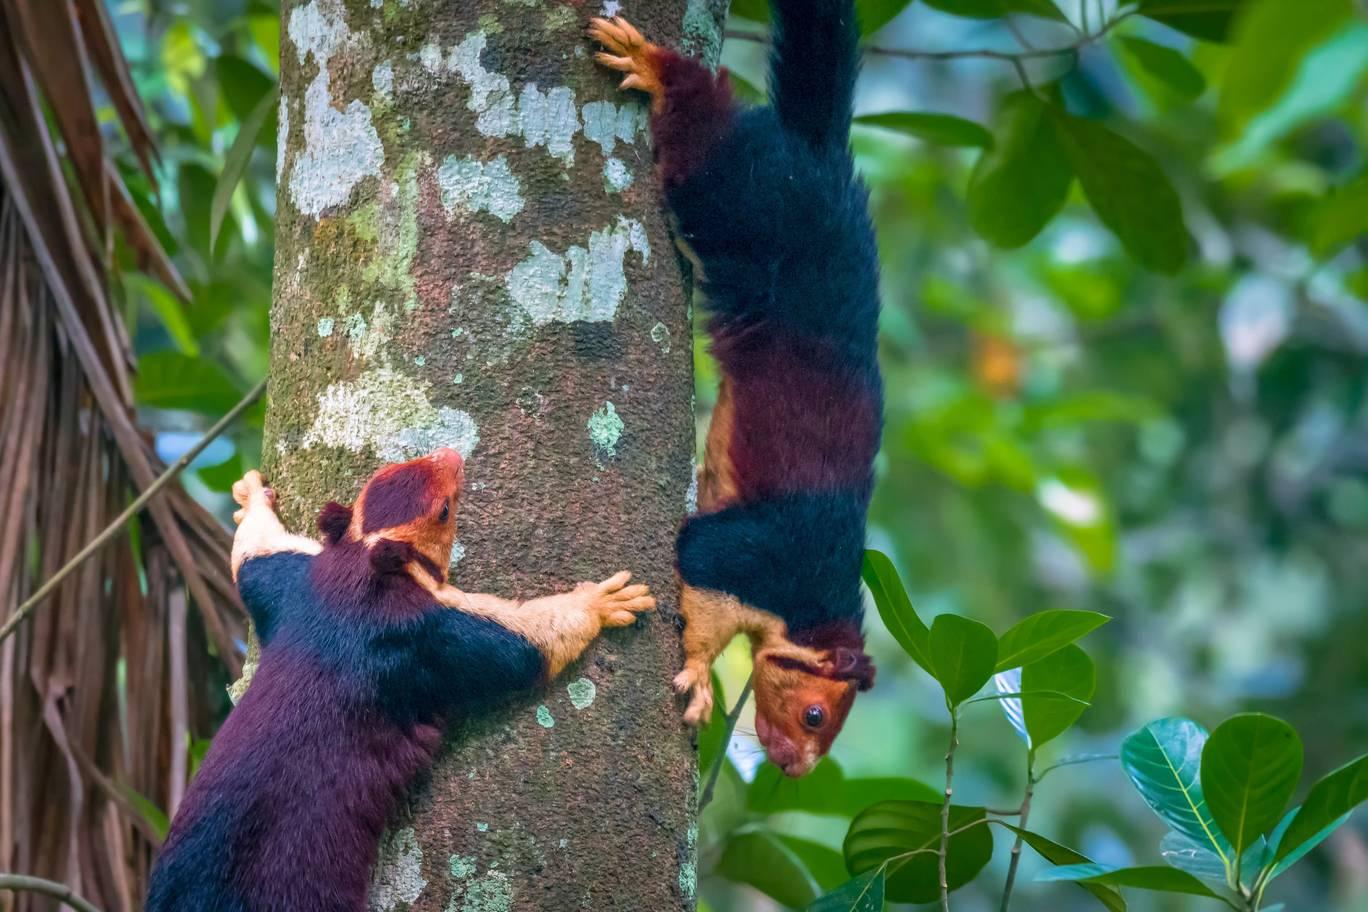 Écureuil géant de l'inde, c'est l'écureuil Malabar